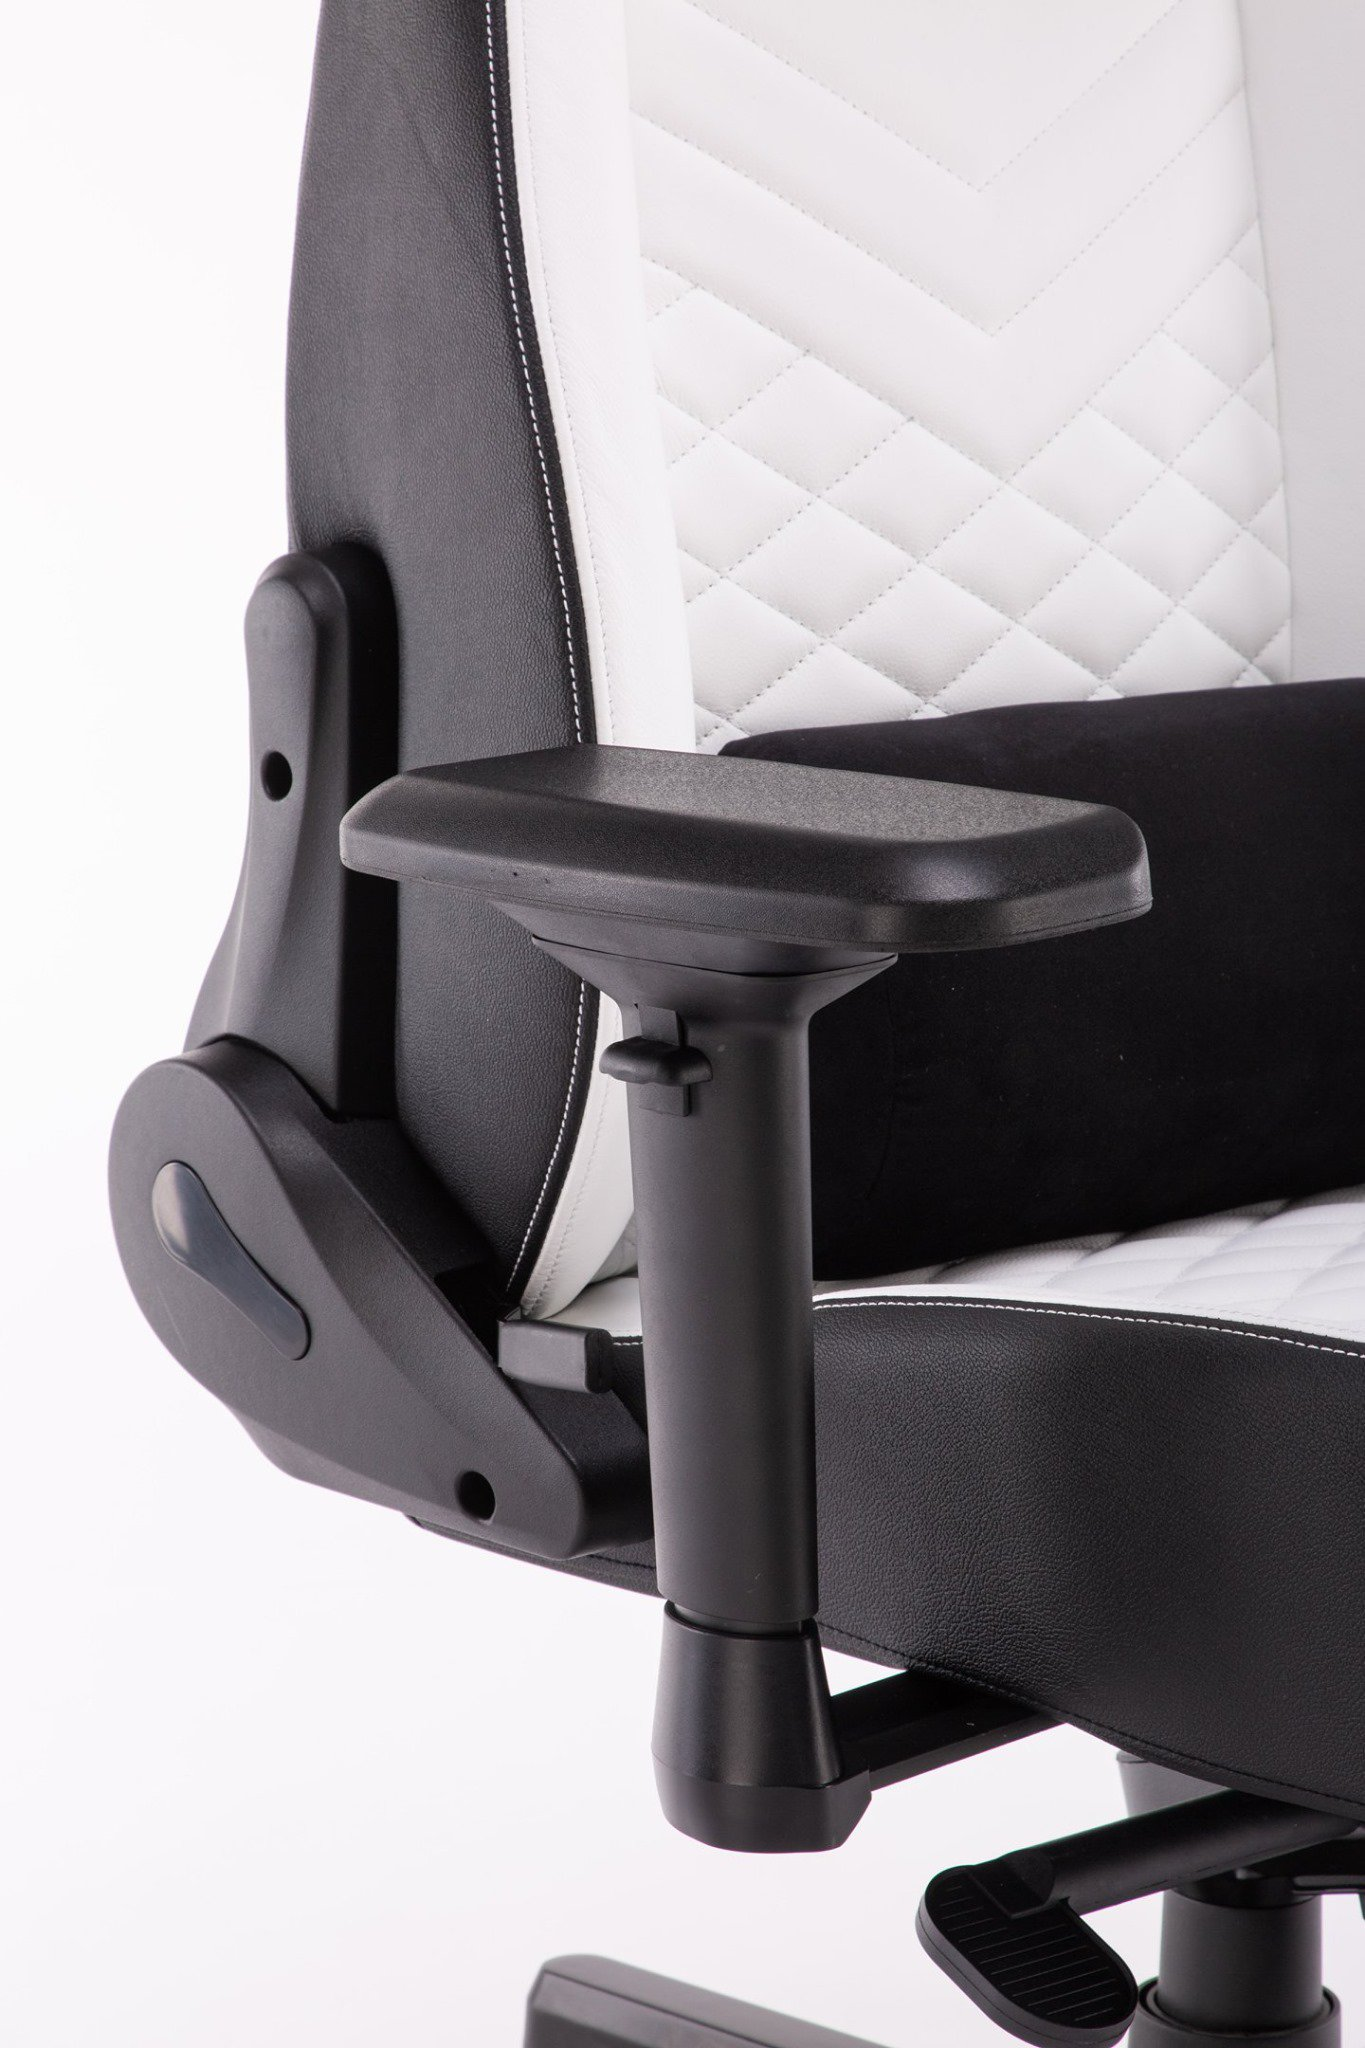 Ghế chơi game Bigboss EGC2021 Lux màu trắng - E-Dra  trang bị tay ghế 4D